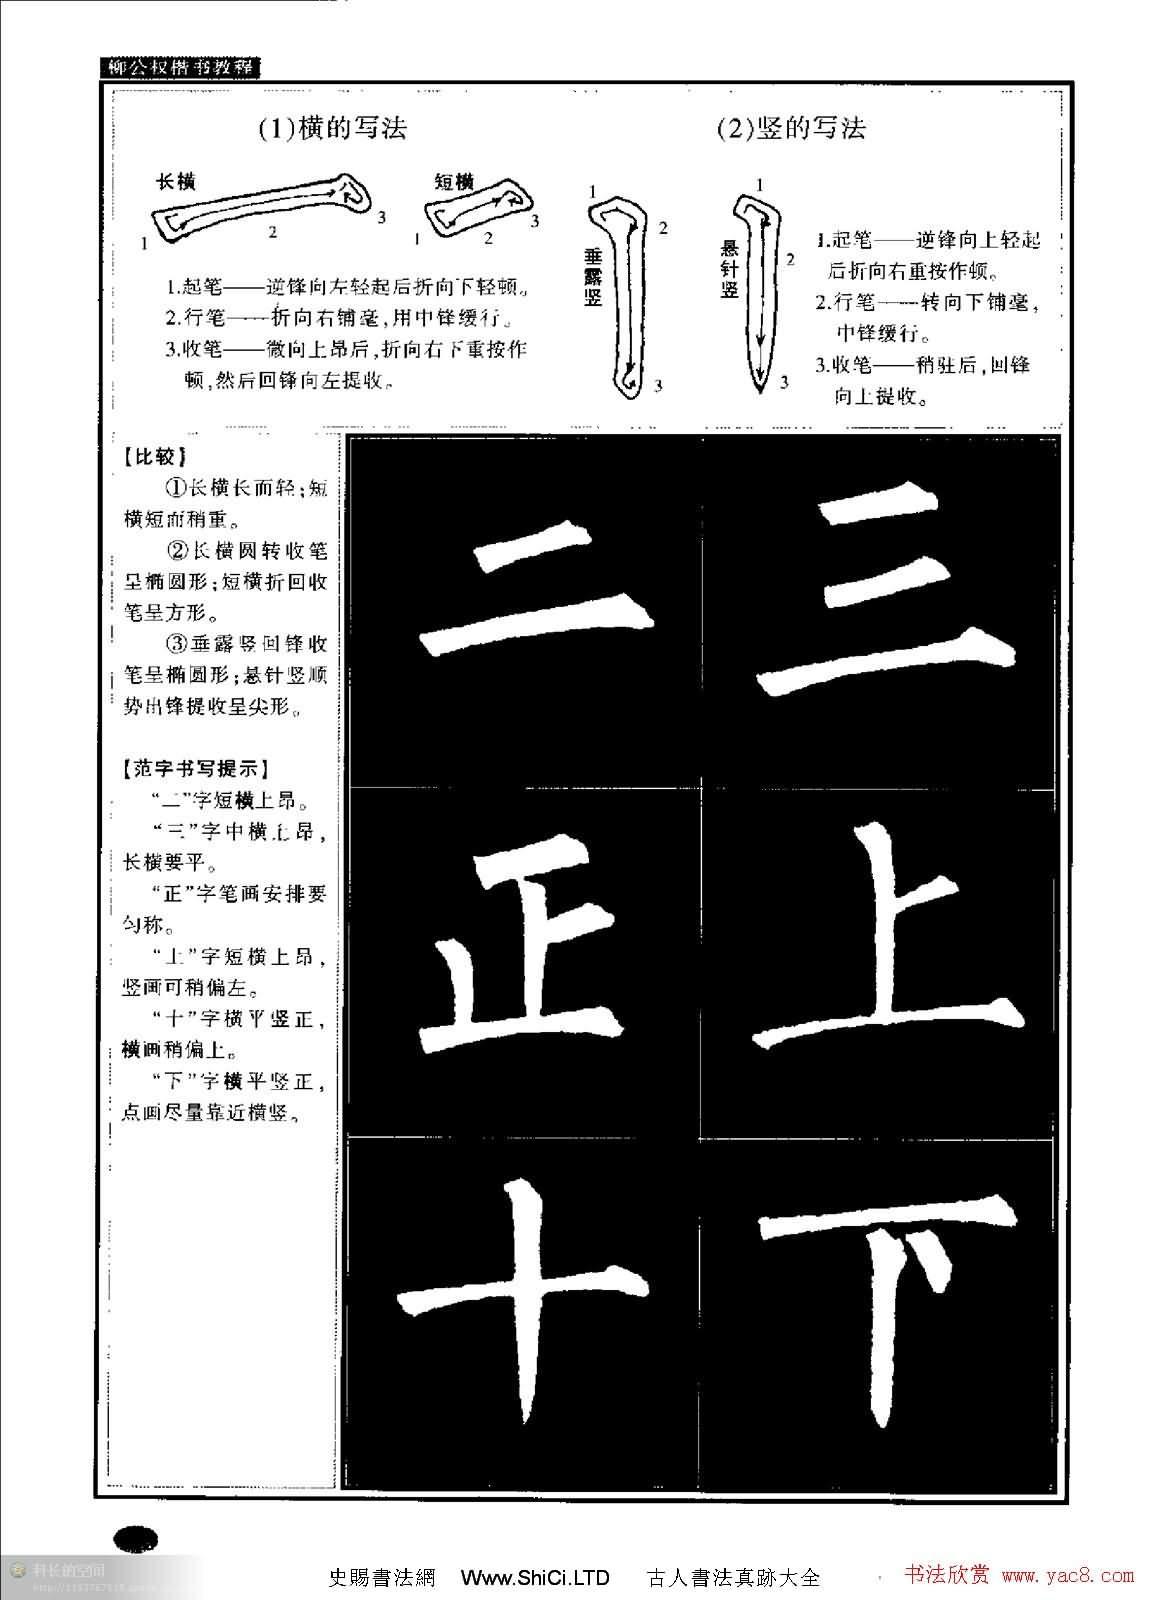 柳公權書法字帖-柳體楷書教程(共66張圖片)